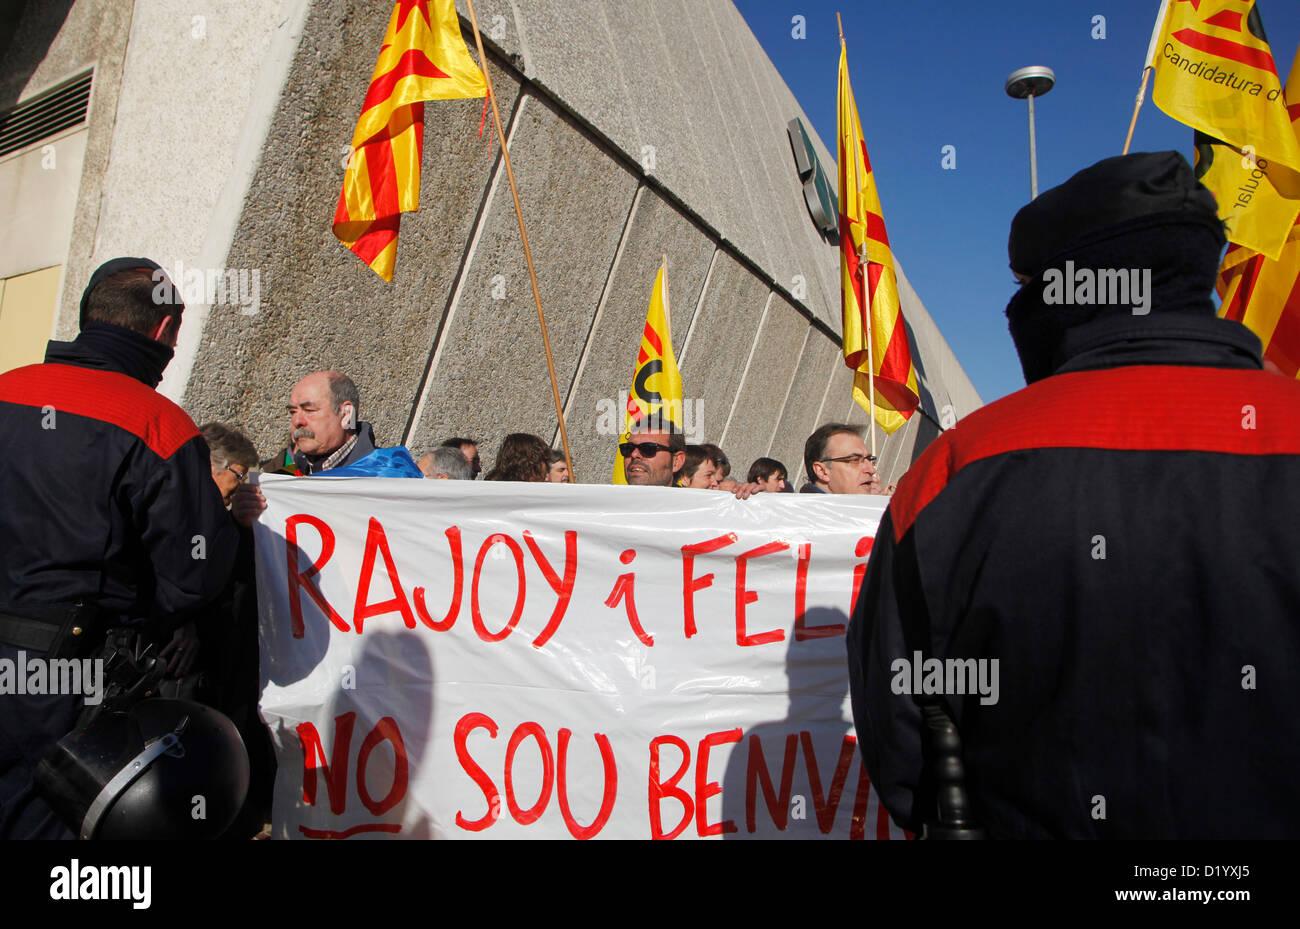 La inauguración del AVE a Girona reúne a Rajoy y Artur Mas. Mientras tanto se manifiestan gente en contra - Stock Image